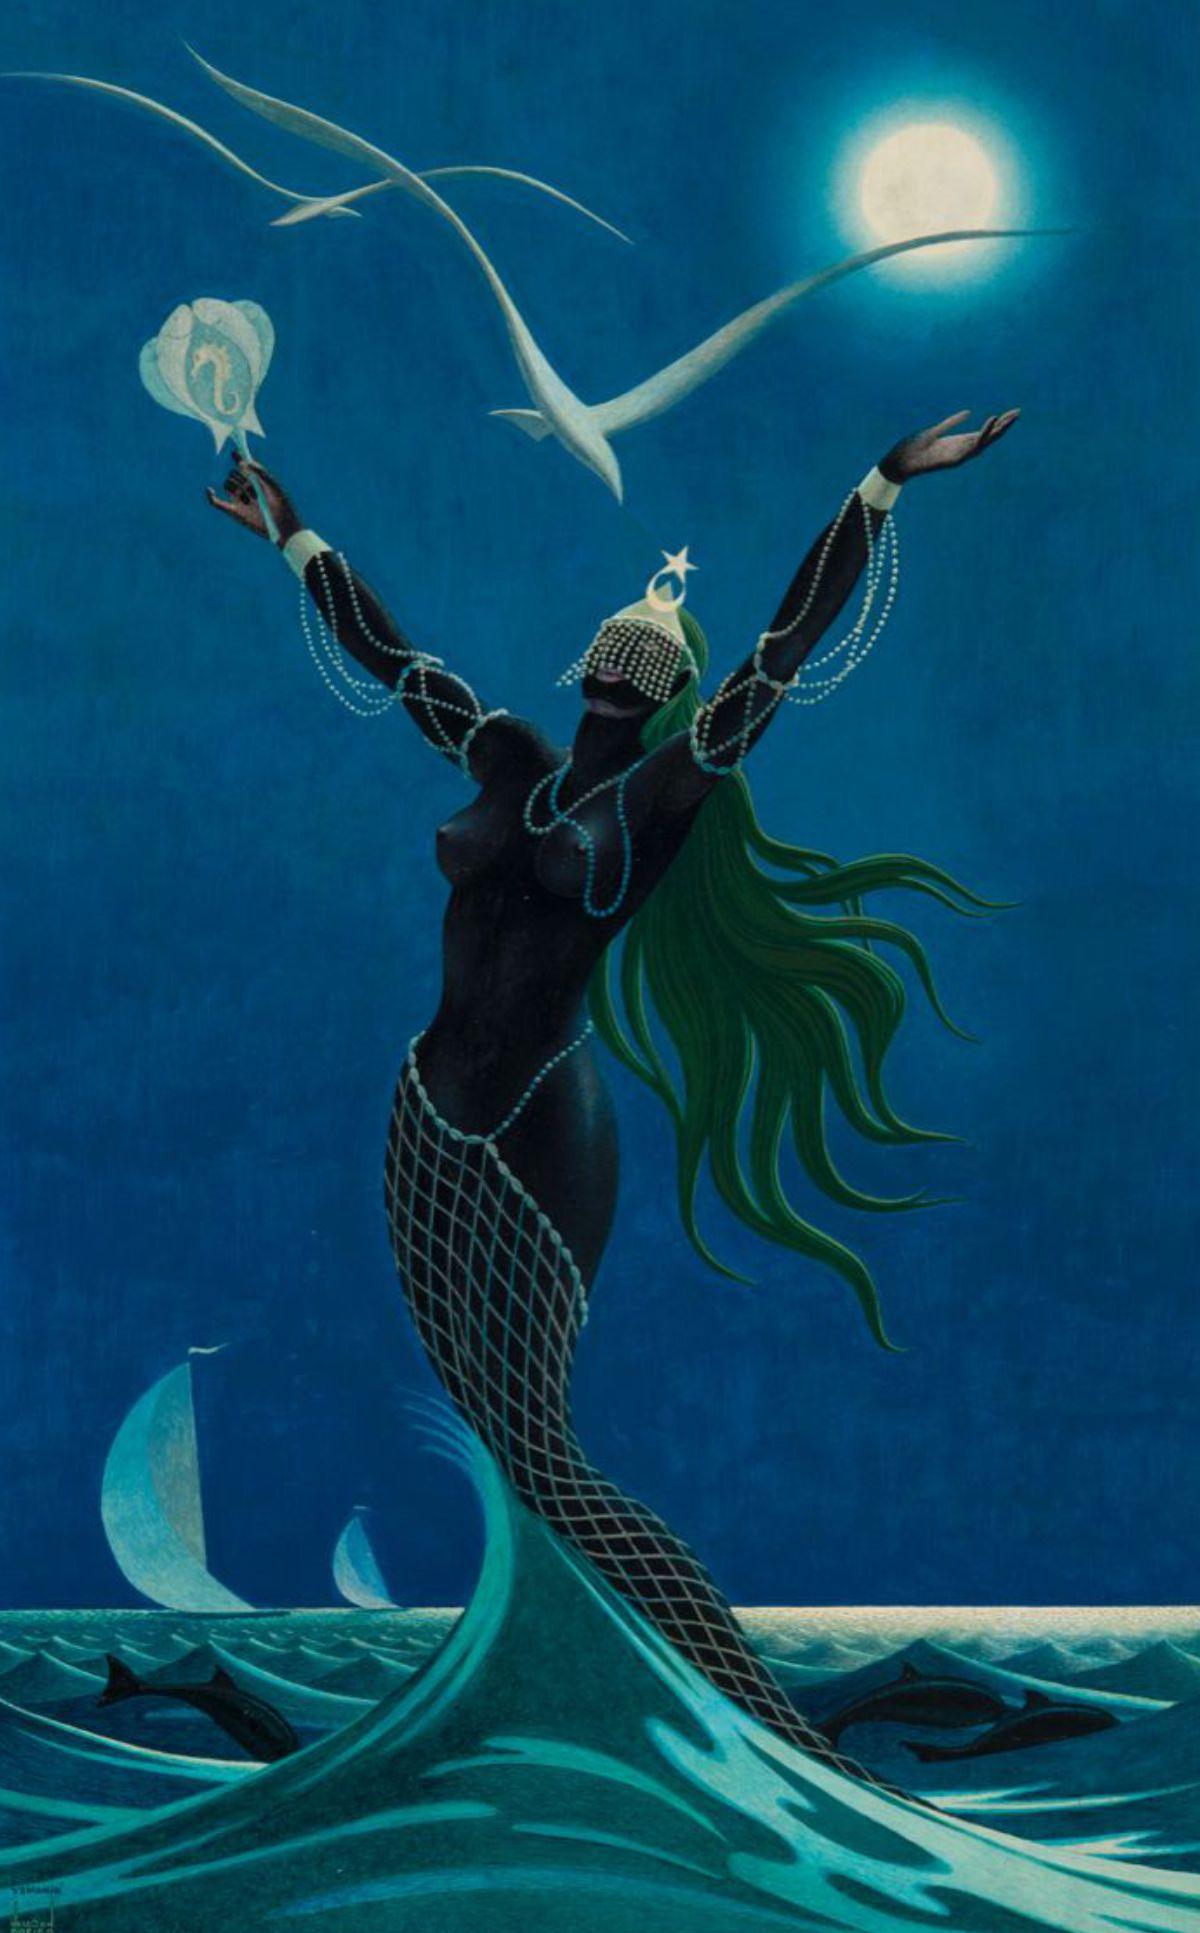 iemanja-rainha-do-mar-odoia-orixa-mae-divina-deusa-afro-nosso-blog-imagem.jpg